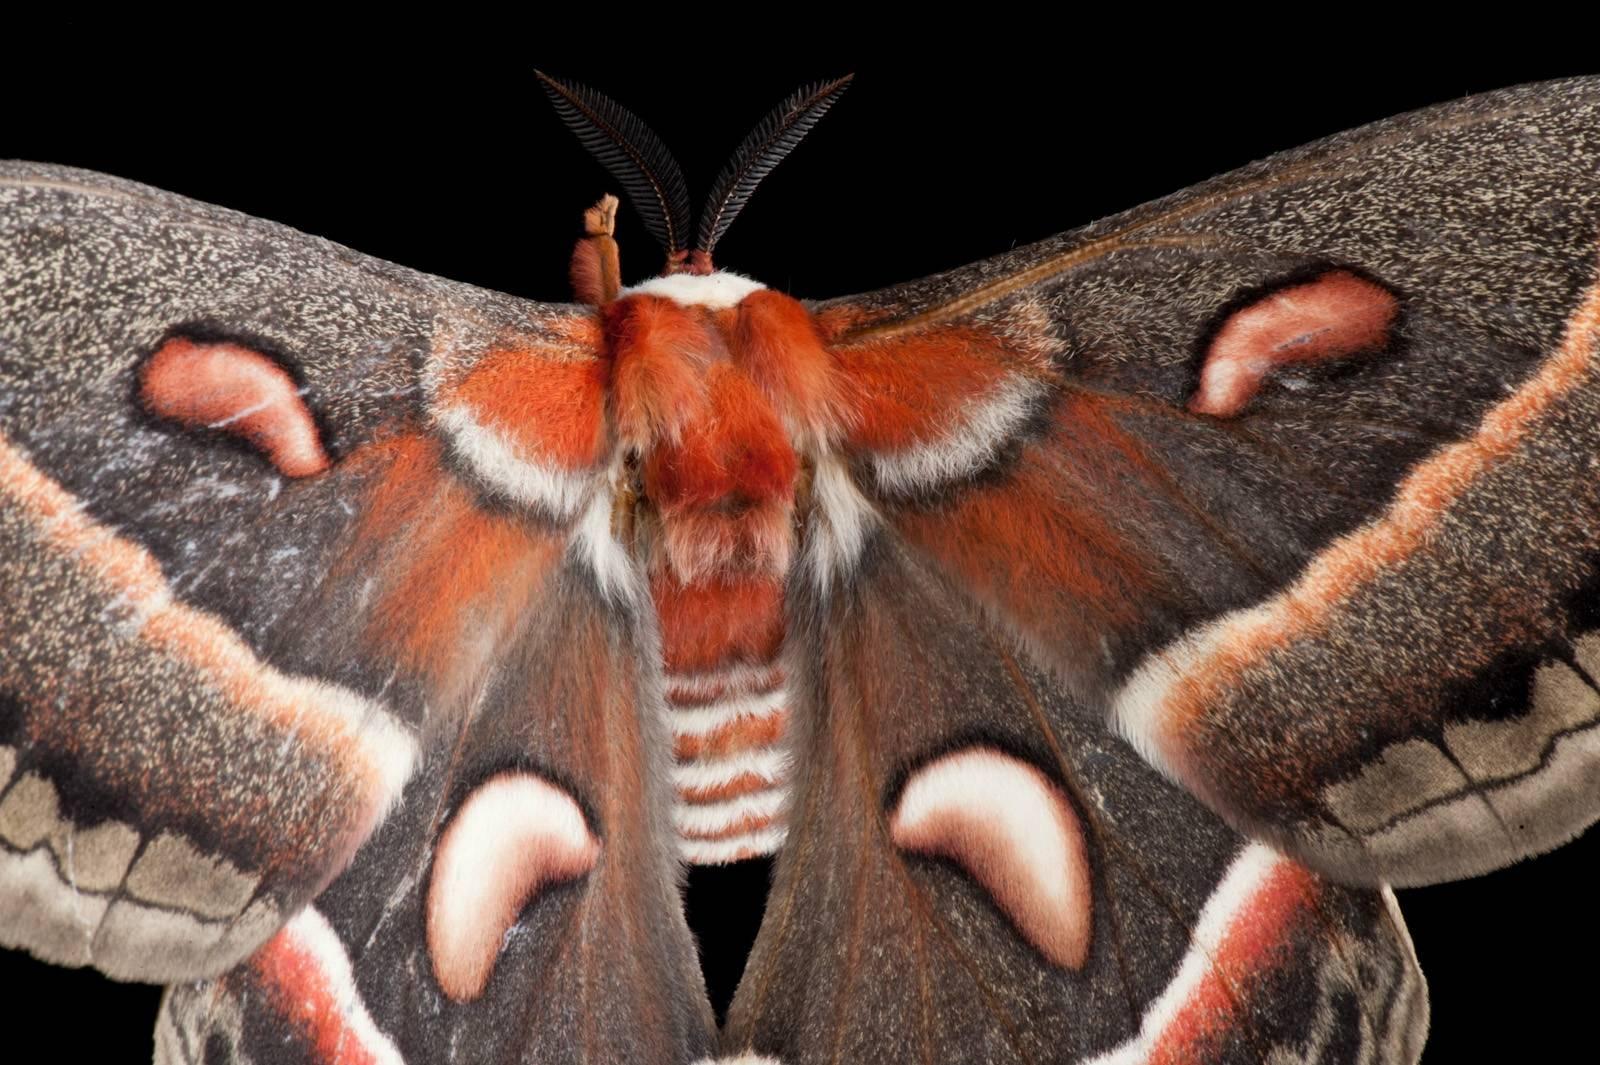 Photo: A cecropia moth (Hyalaophora cecropia).